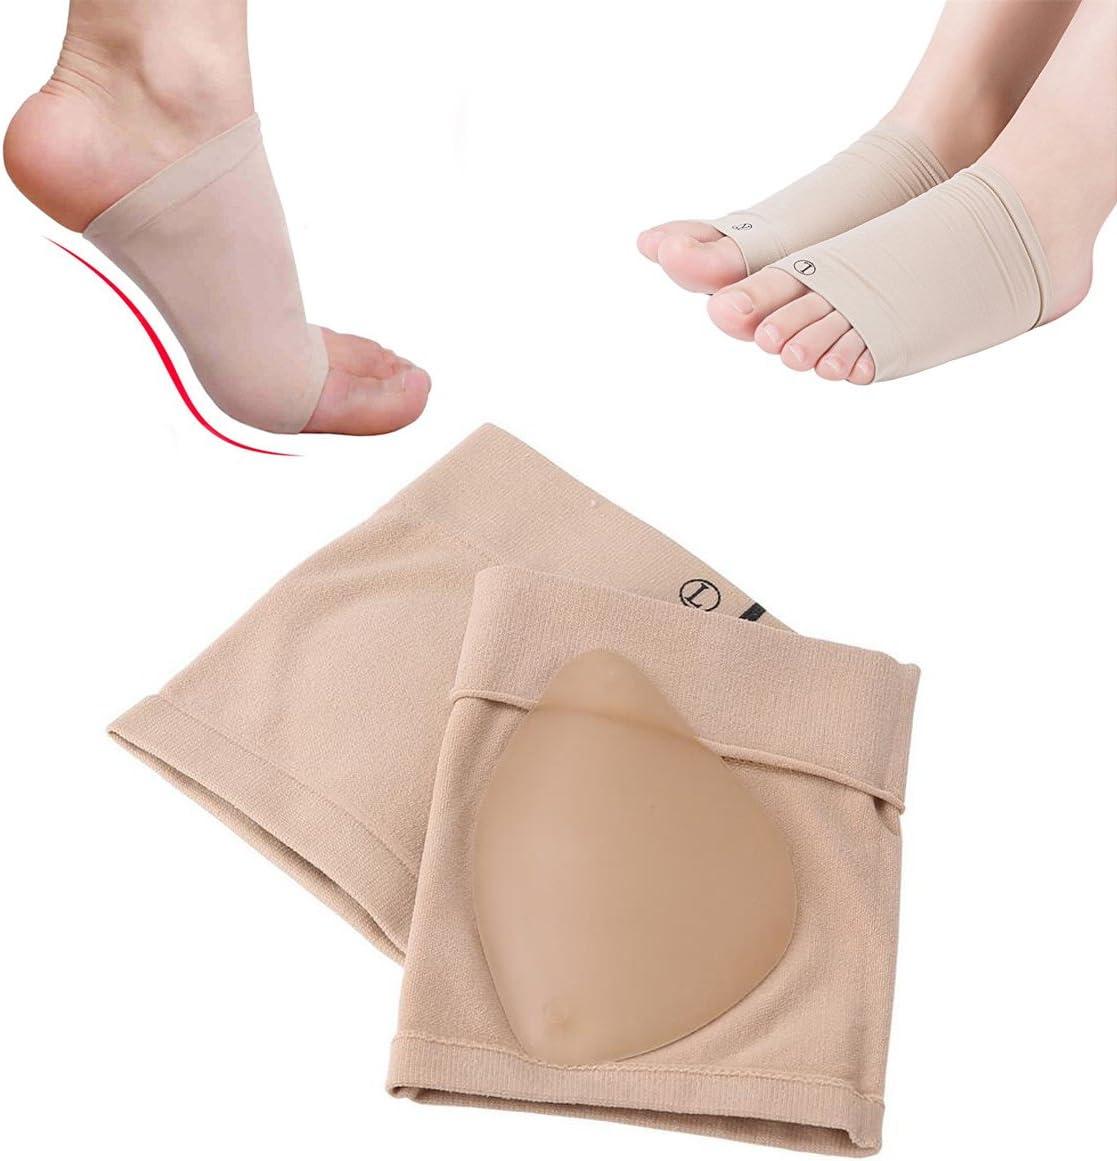 Manga de soporte de arco de gel de silicona – Pronation ortopédica plantilla de pie plano, cómodo masaje amortiguador de impactos, para fascitis plantar, alivio del dolor en el arco del talón